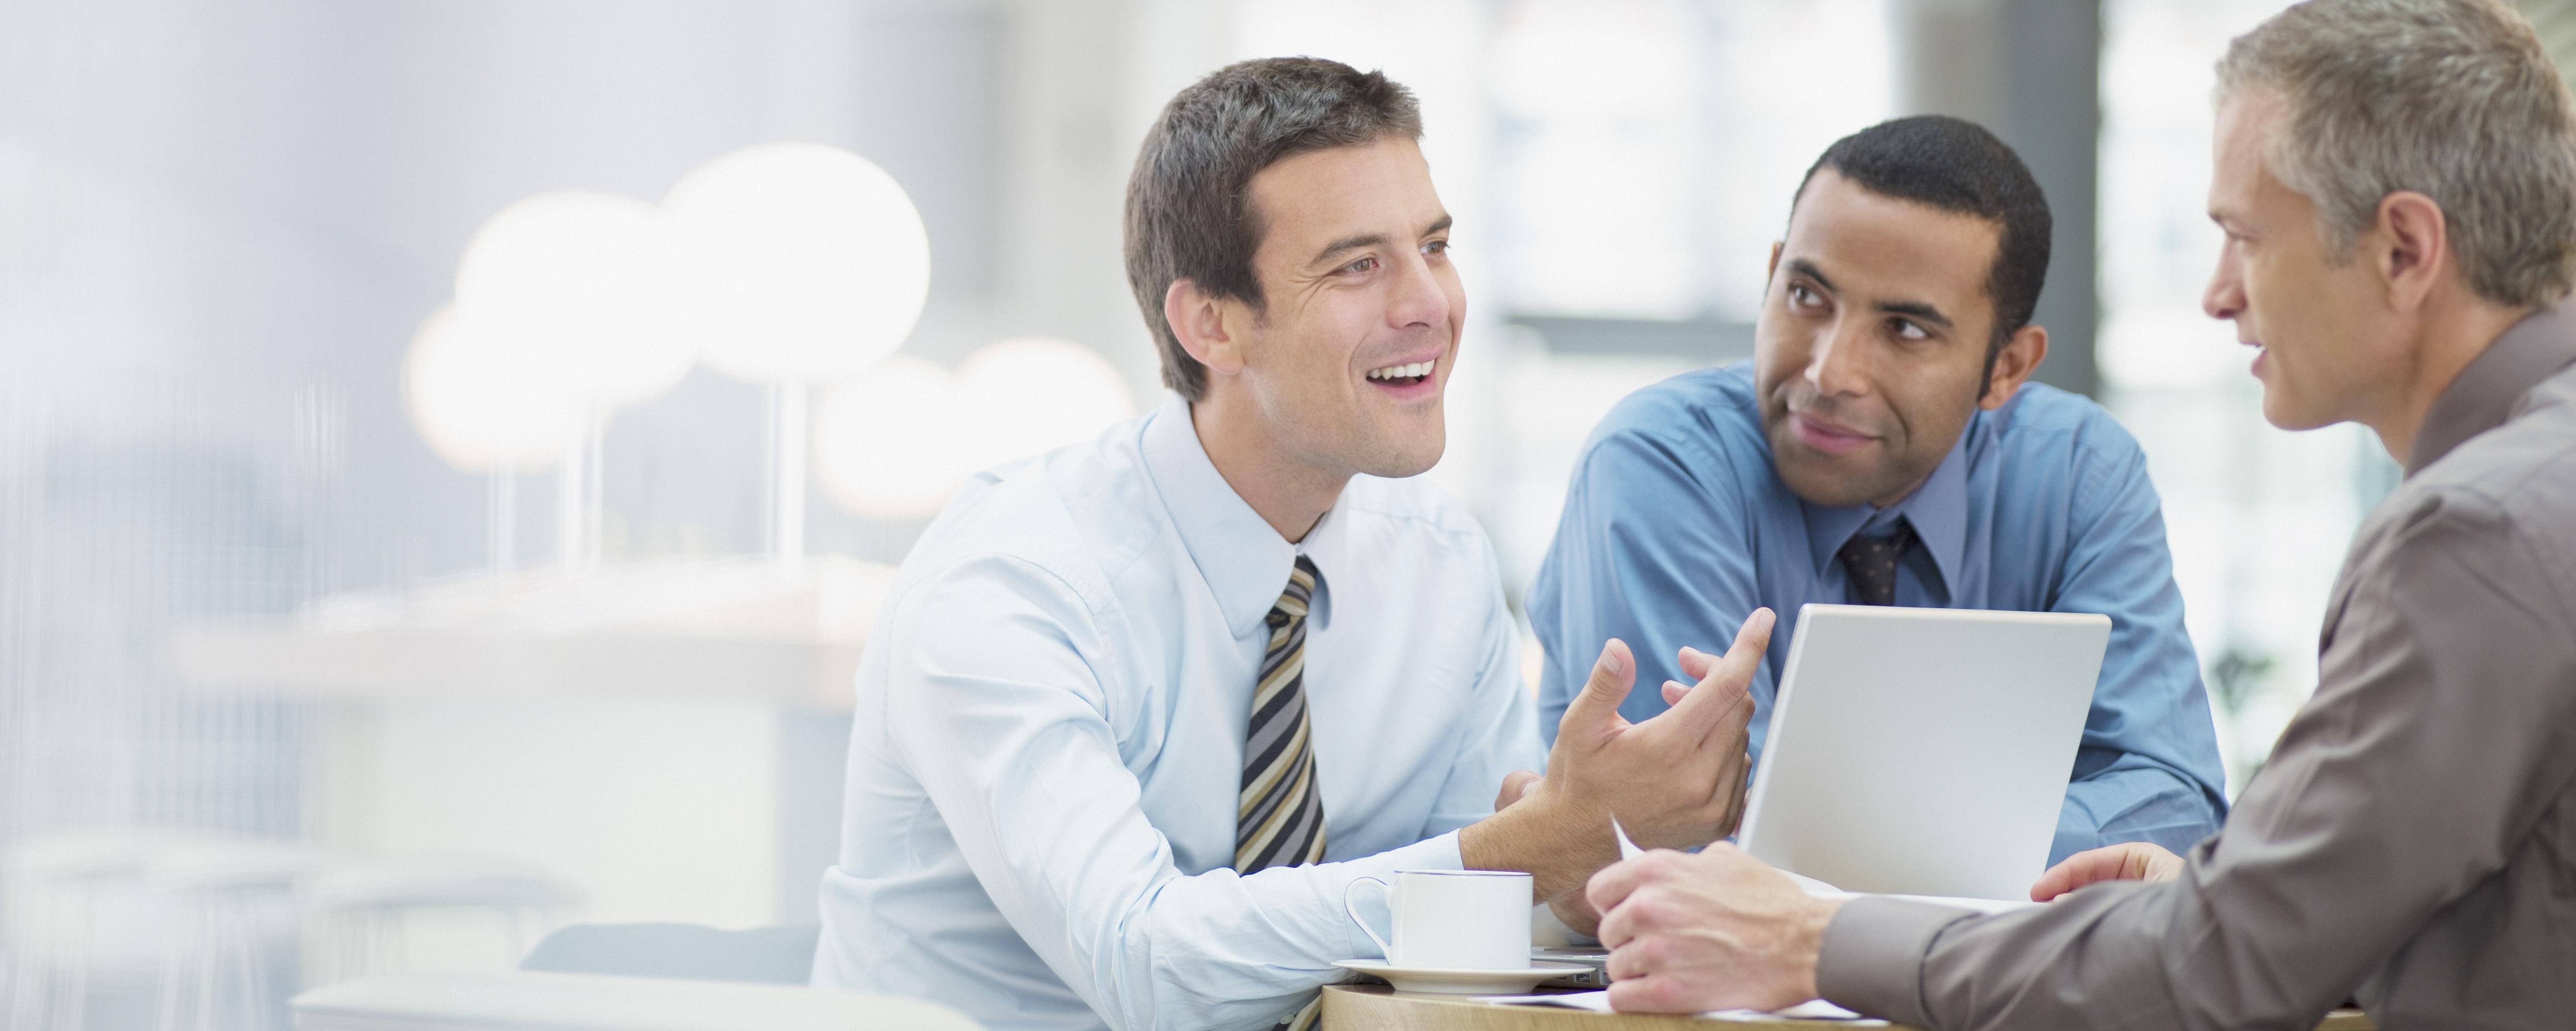 Insurance — North Shore Wealth Management - Burlington, ON